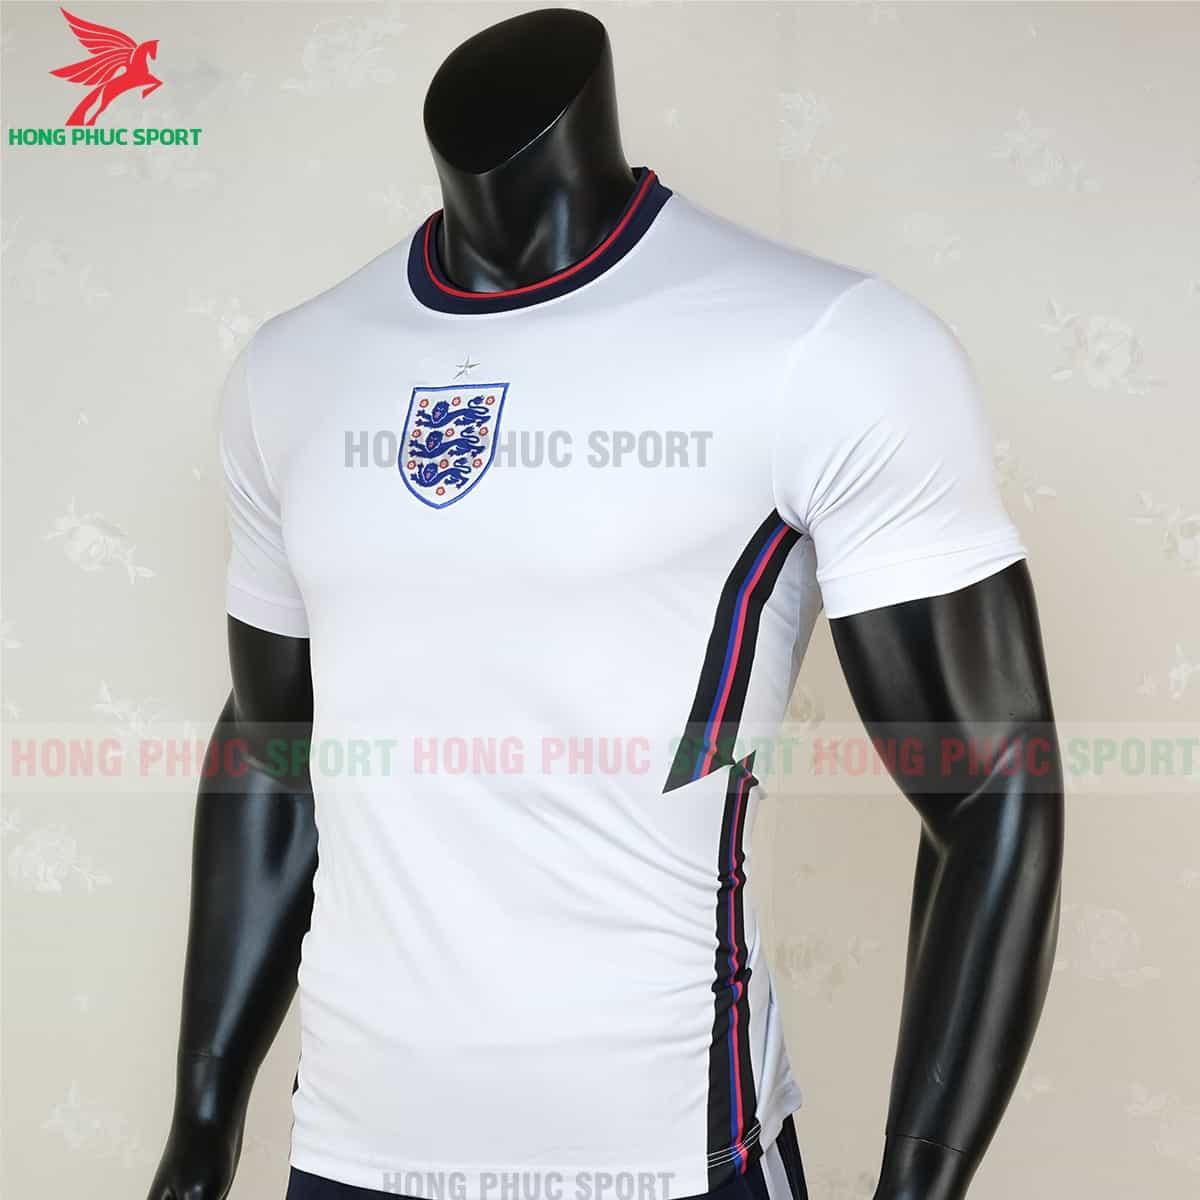 Thiết kế cổ tròn và đường Zig-zag trên áo tuyển Anh 2021 (1)